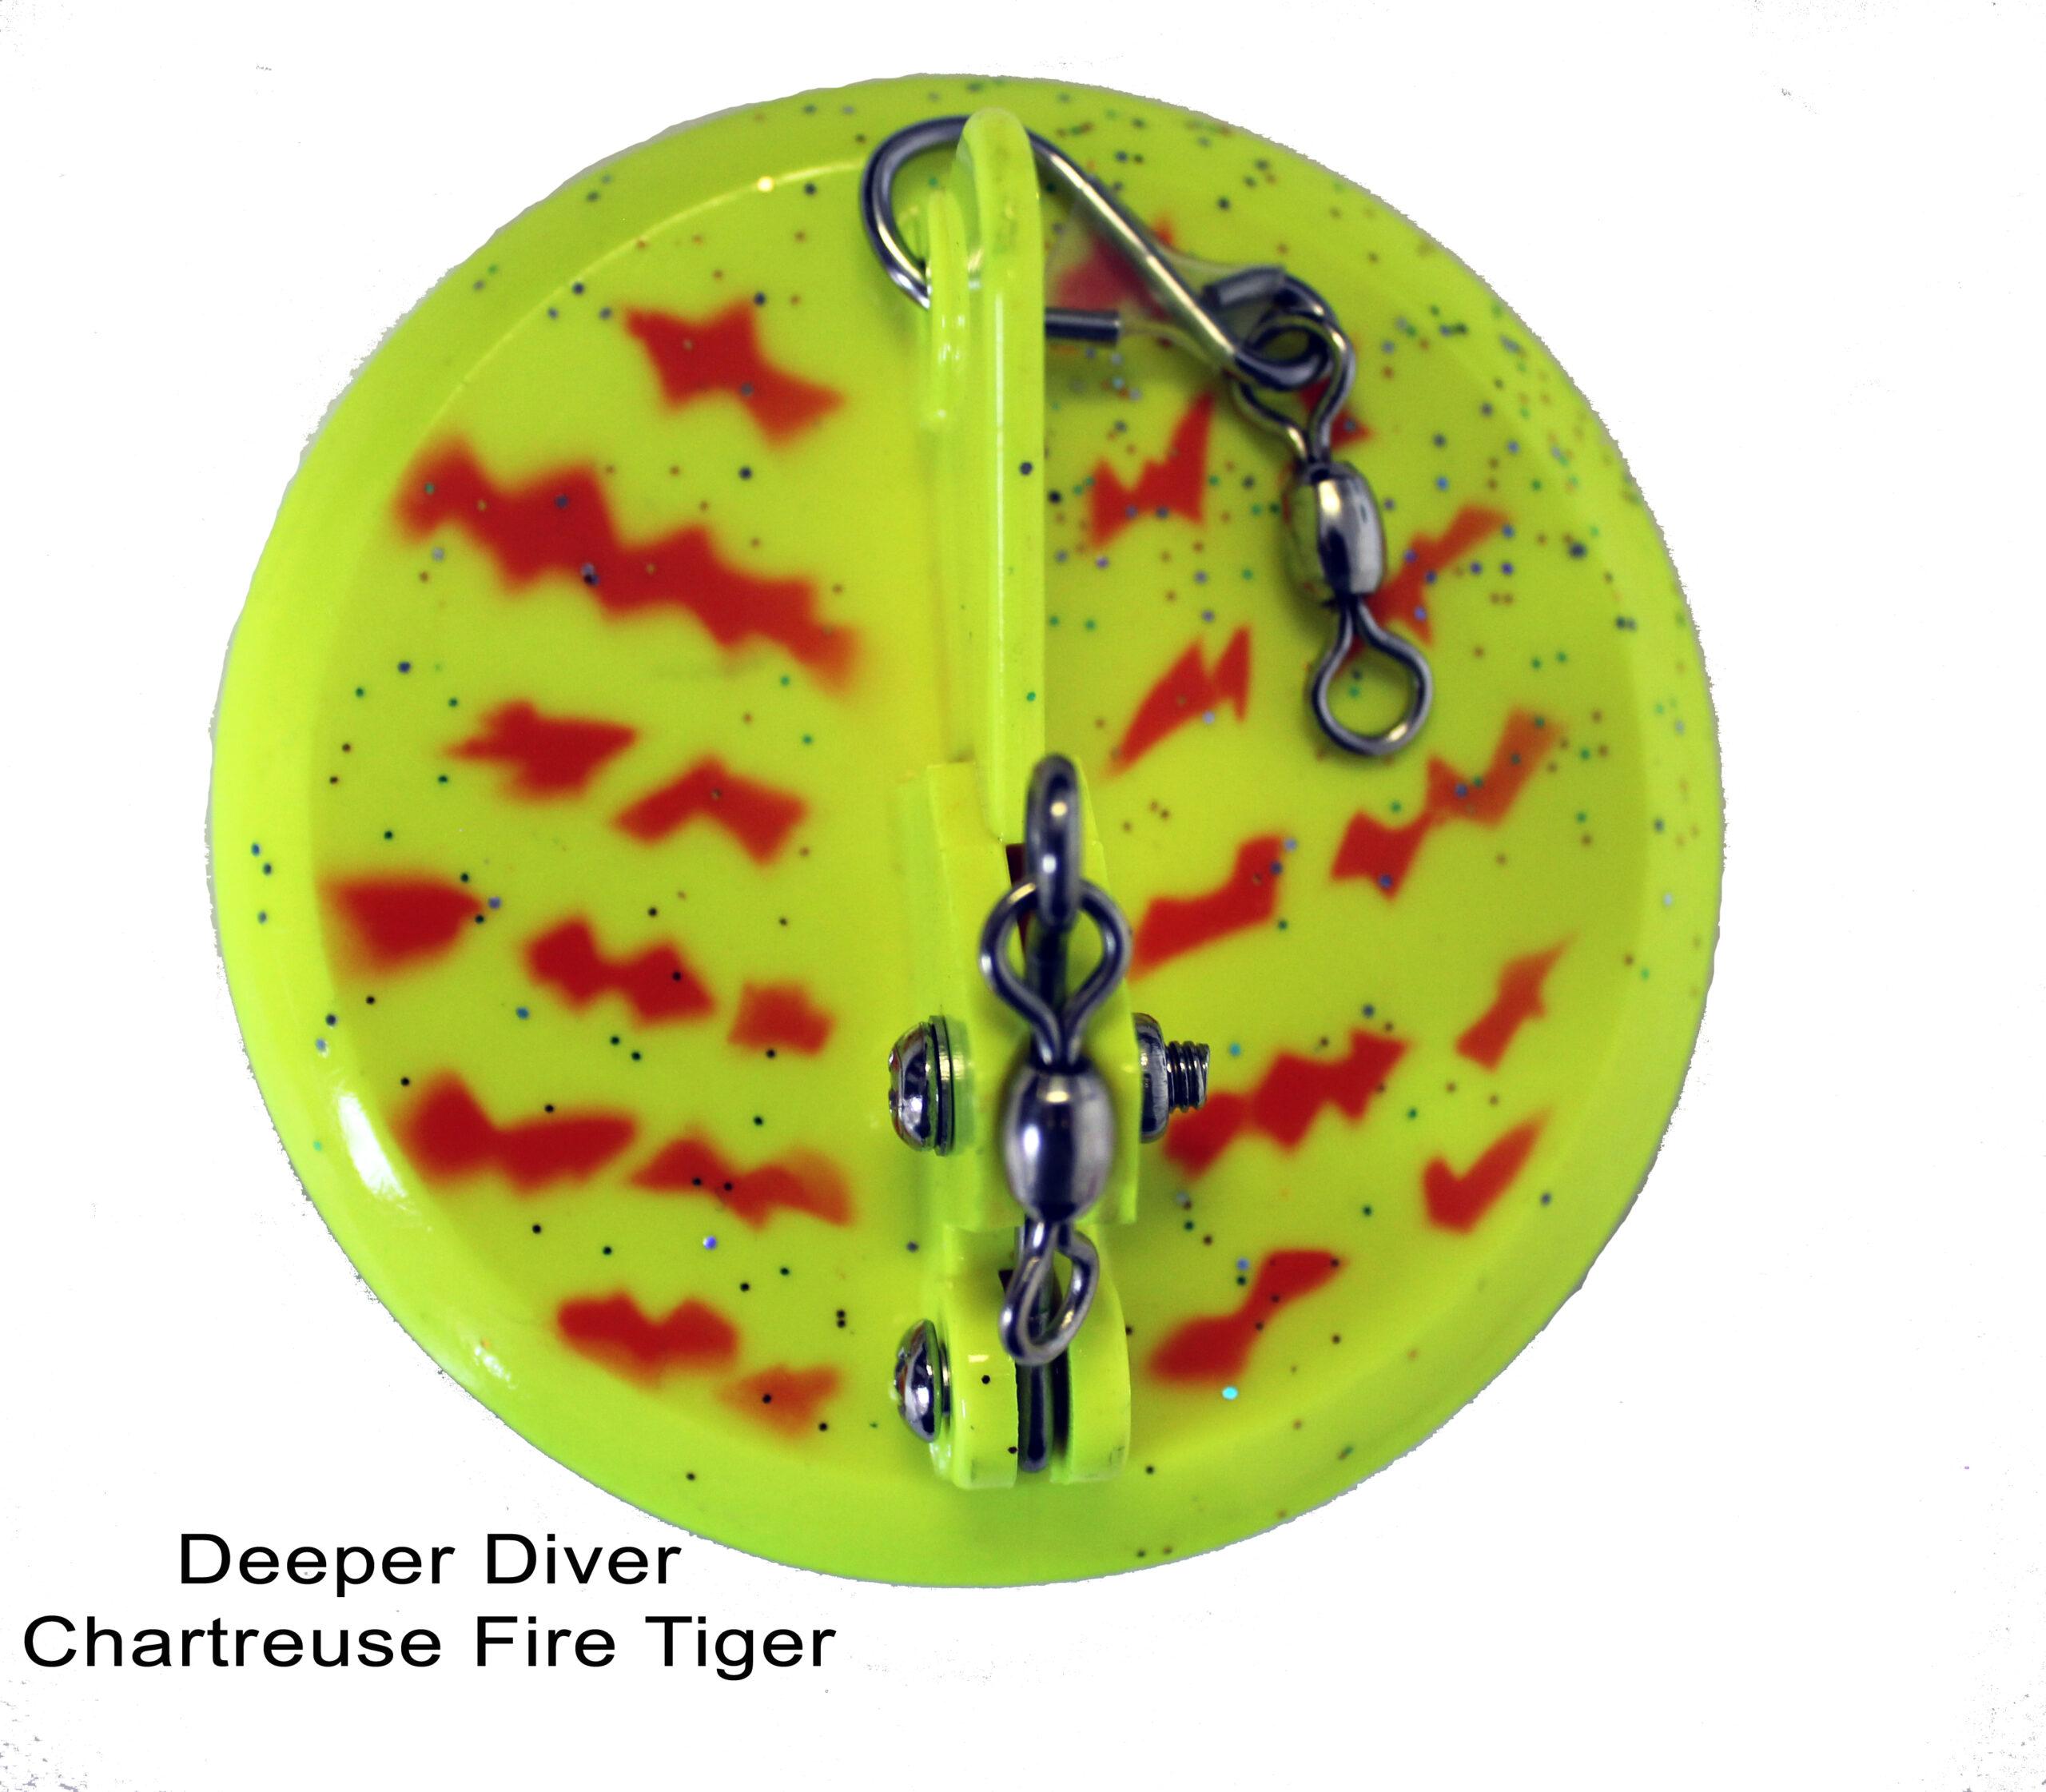 DC Deeper Diver 82mm Chartreuse